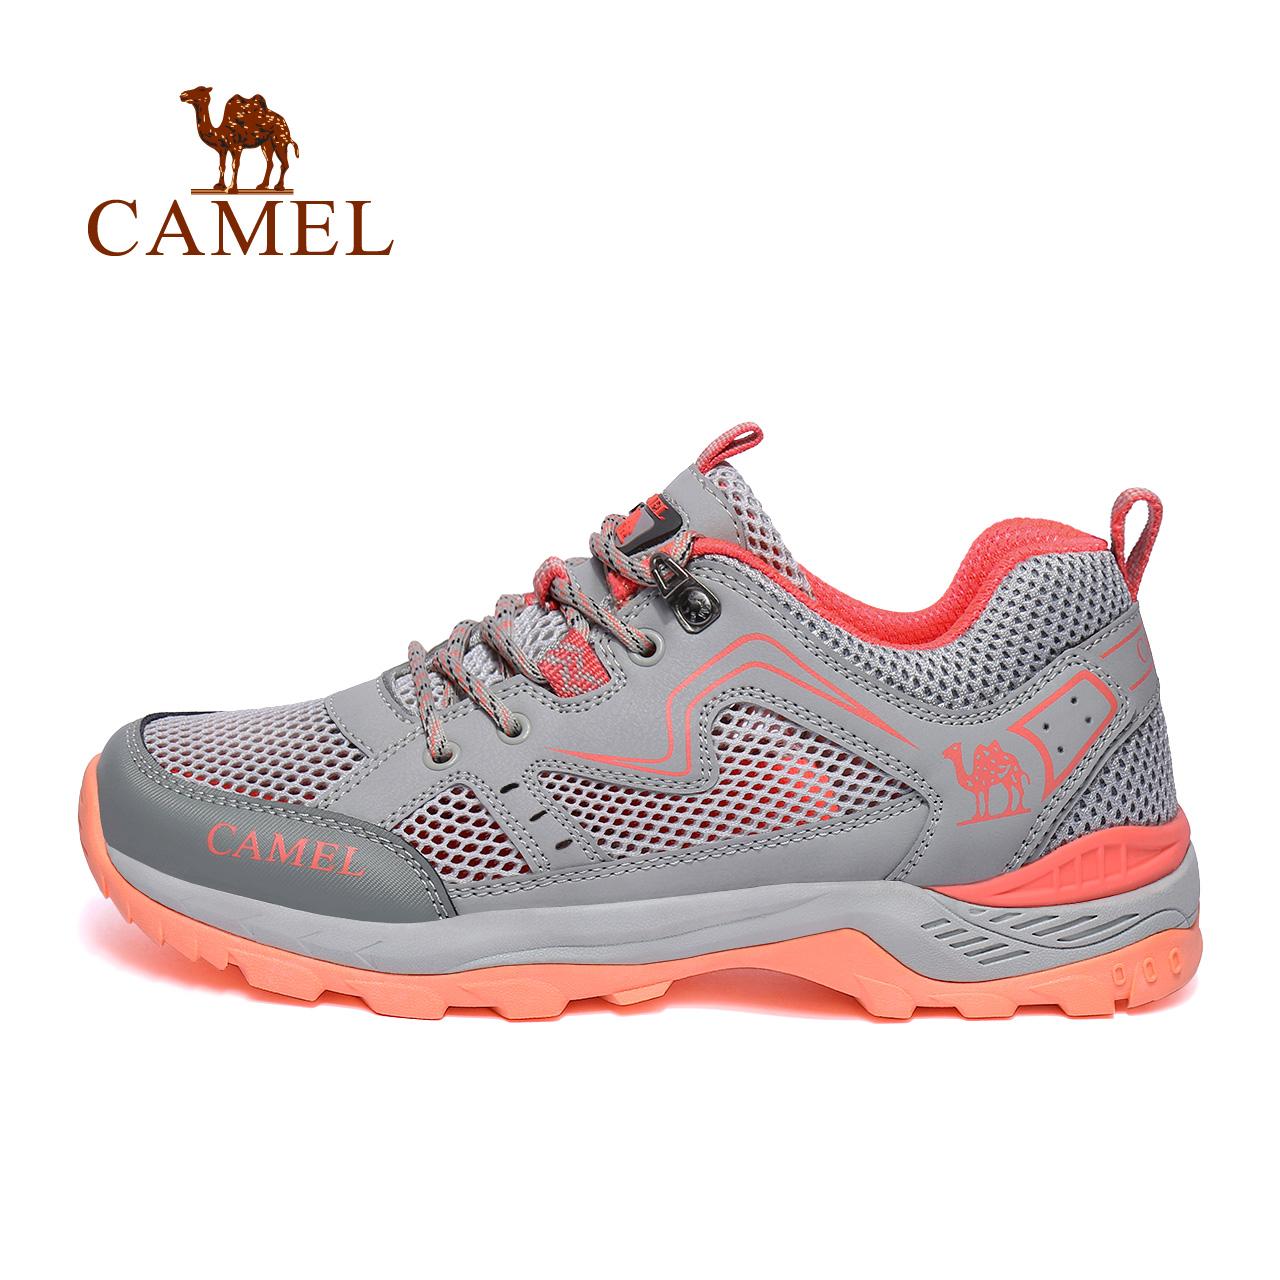 骆驼户外休闲男鞋夏季防滑徒步登山凉鞋女鞋透气运动网鞋旅游鞋潮